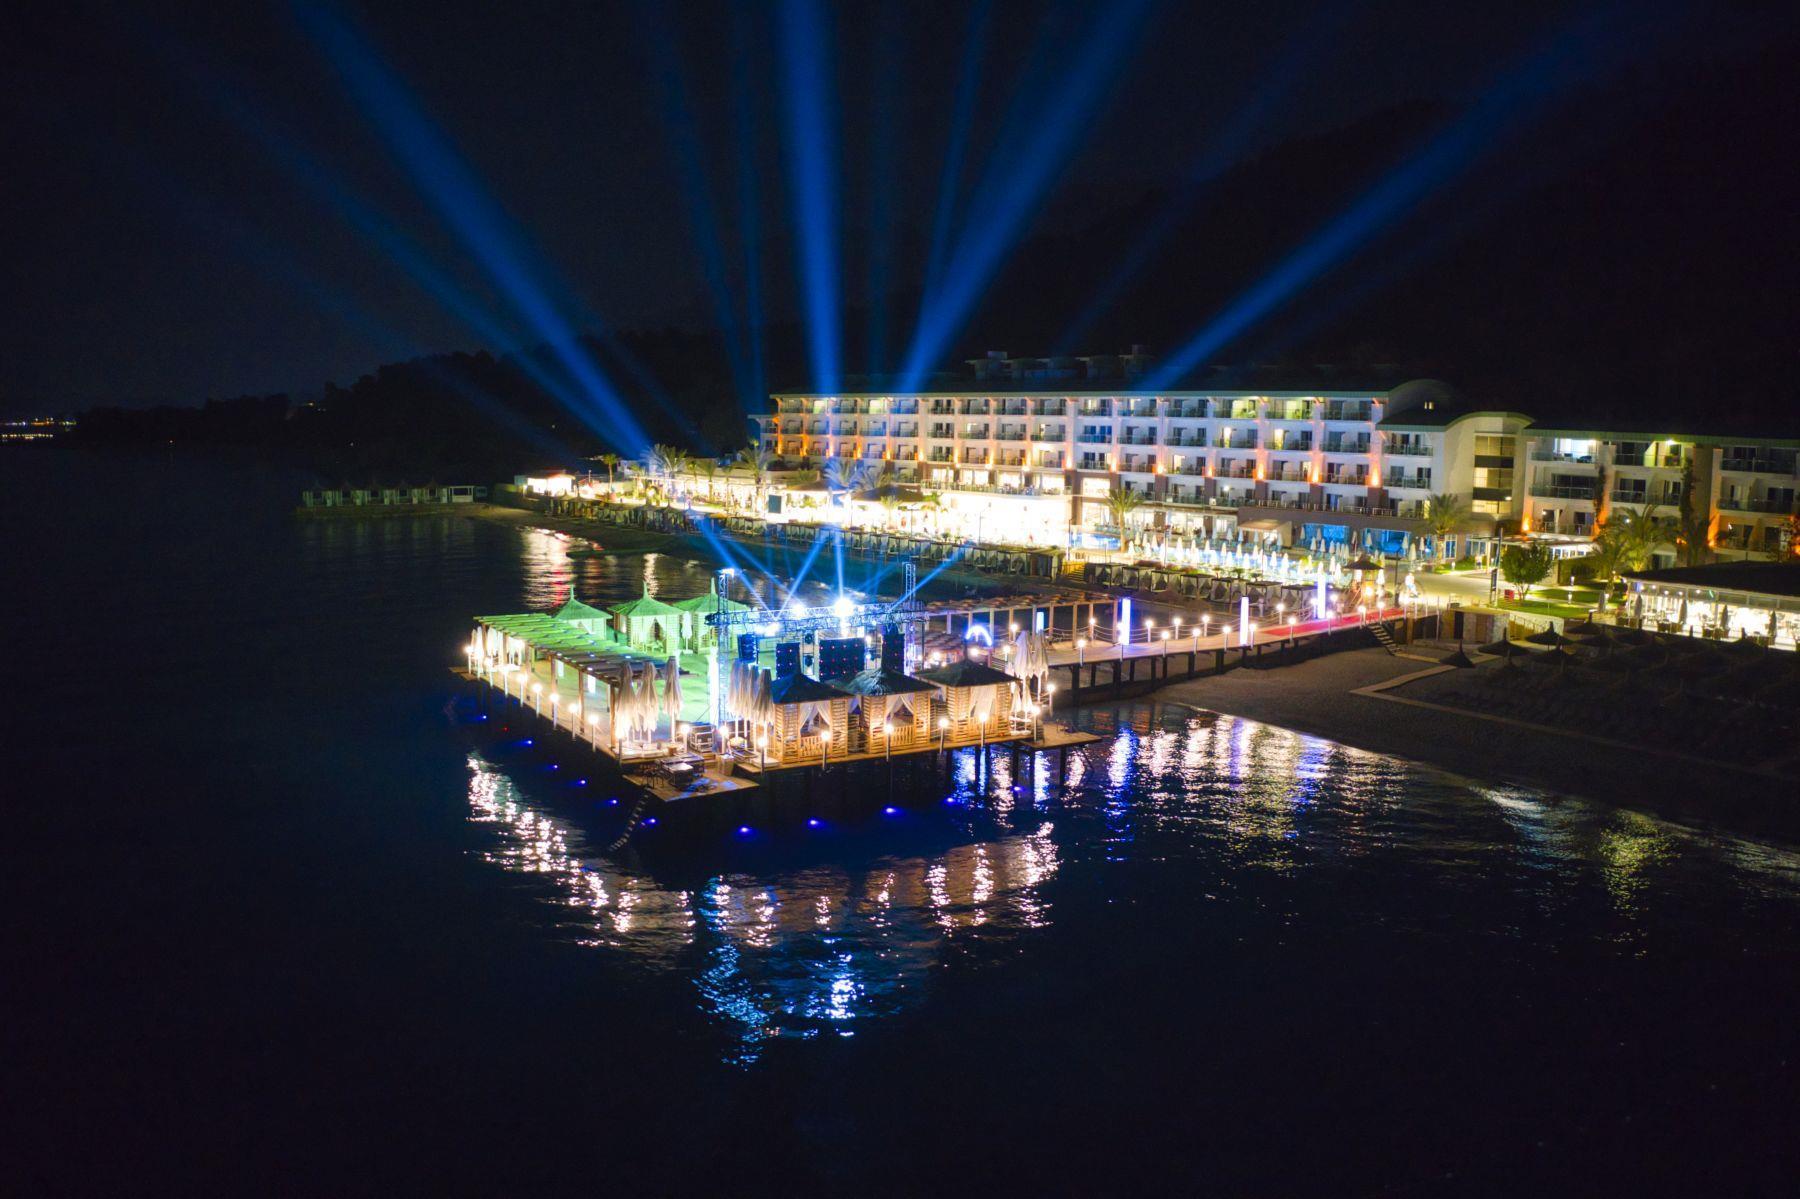 Отель Гранд Парк Кемер ночью